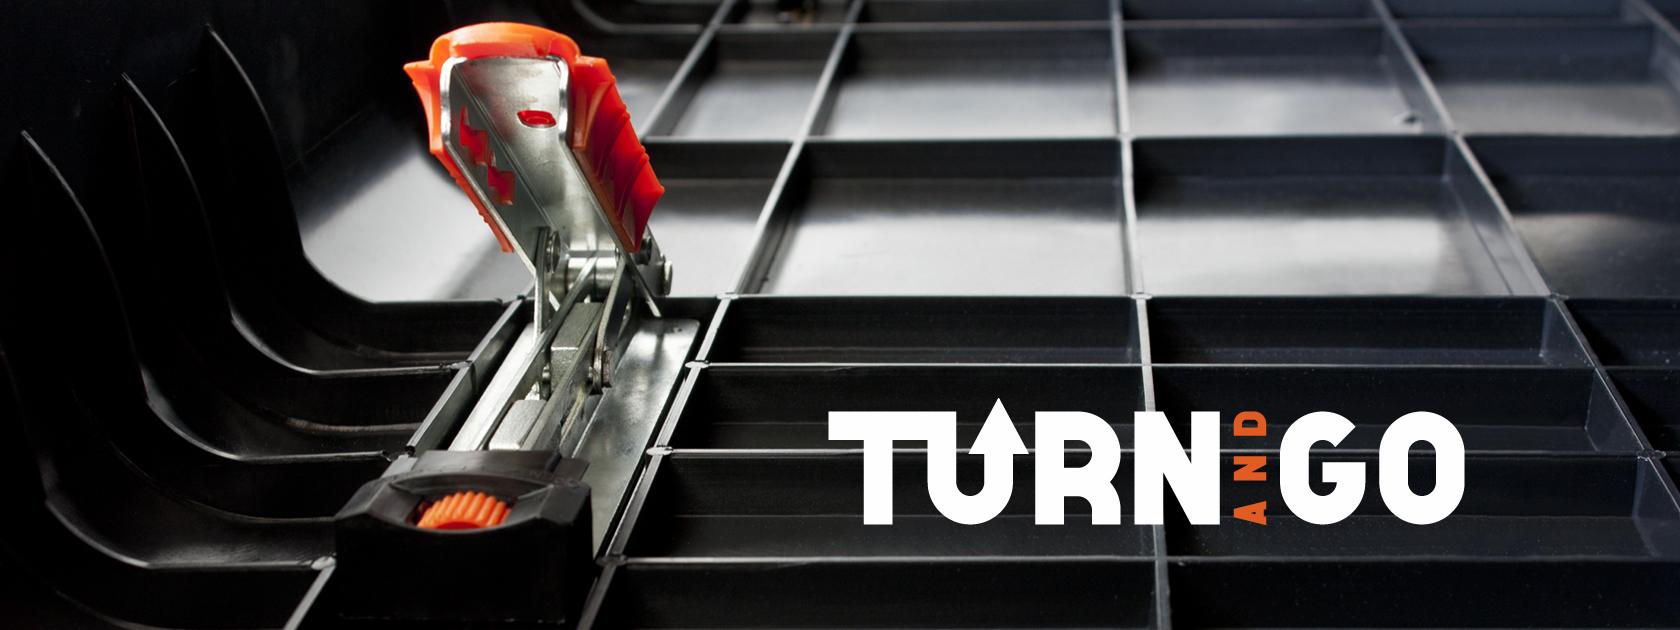 TurnGo_slideshow_1607_logo